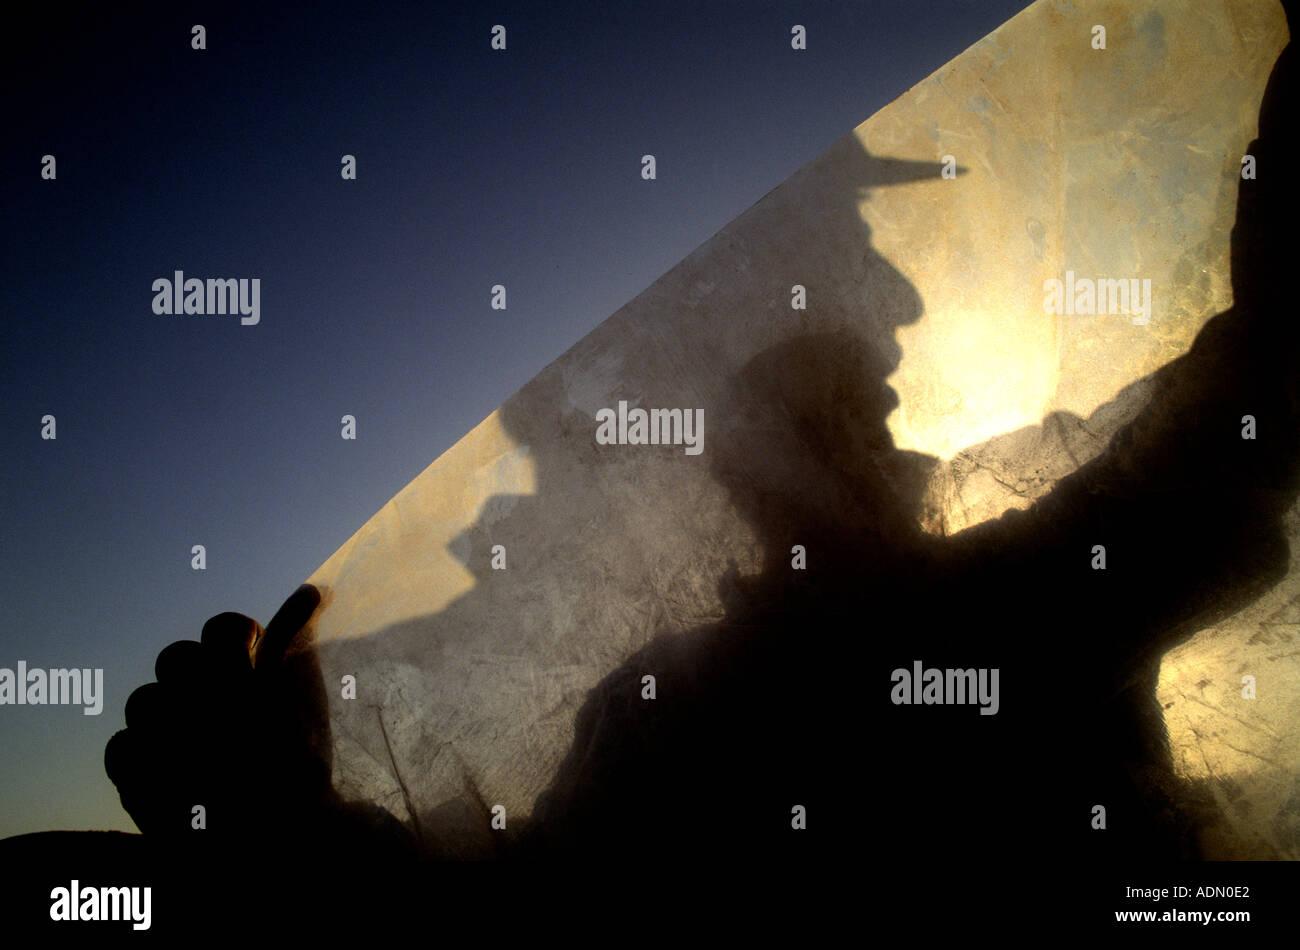 Ein Raubein entspinnt sich eine Rolle aus Kunststoff auf einer Bohrinsel in Oklahoma Stockbild